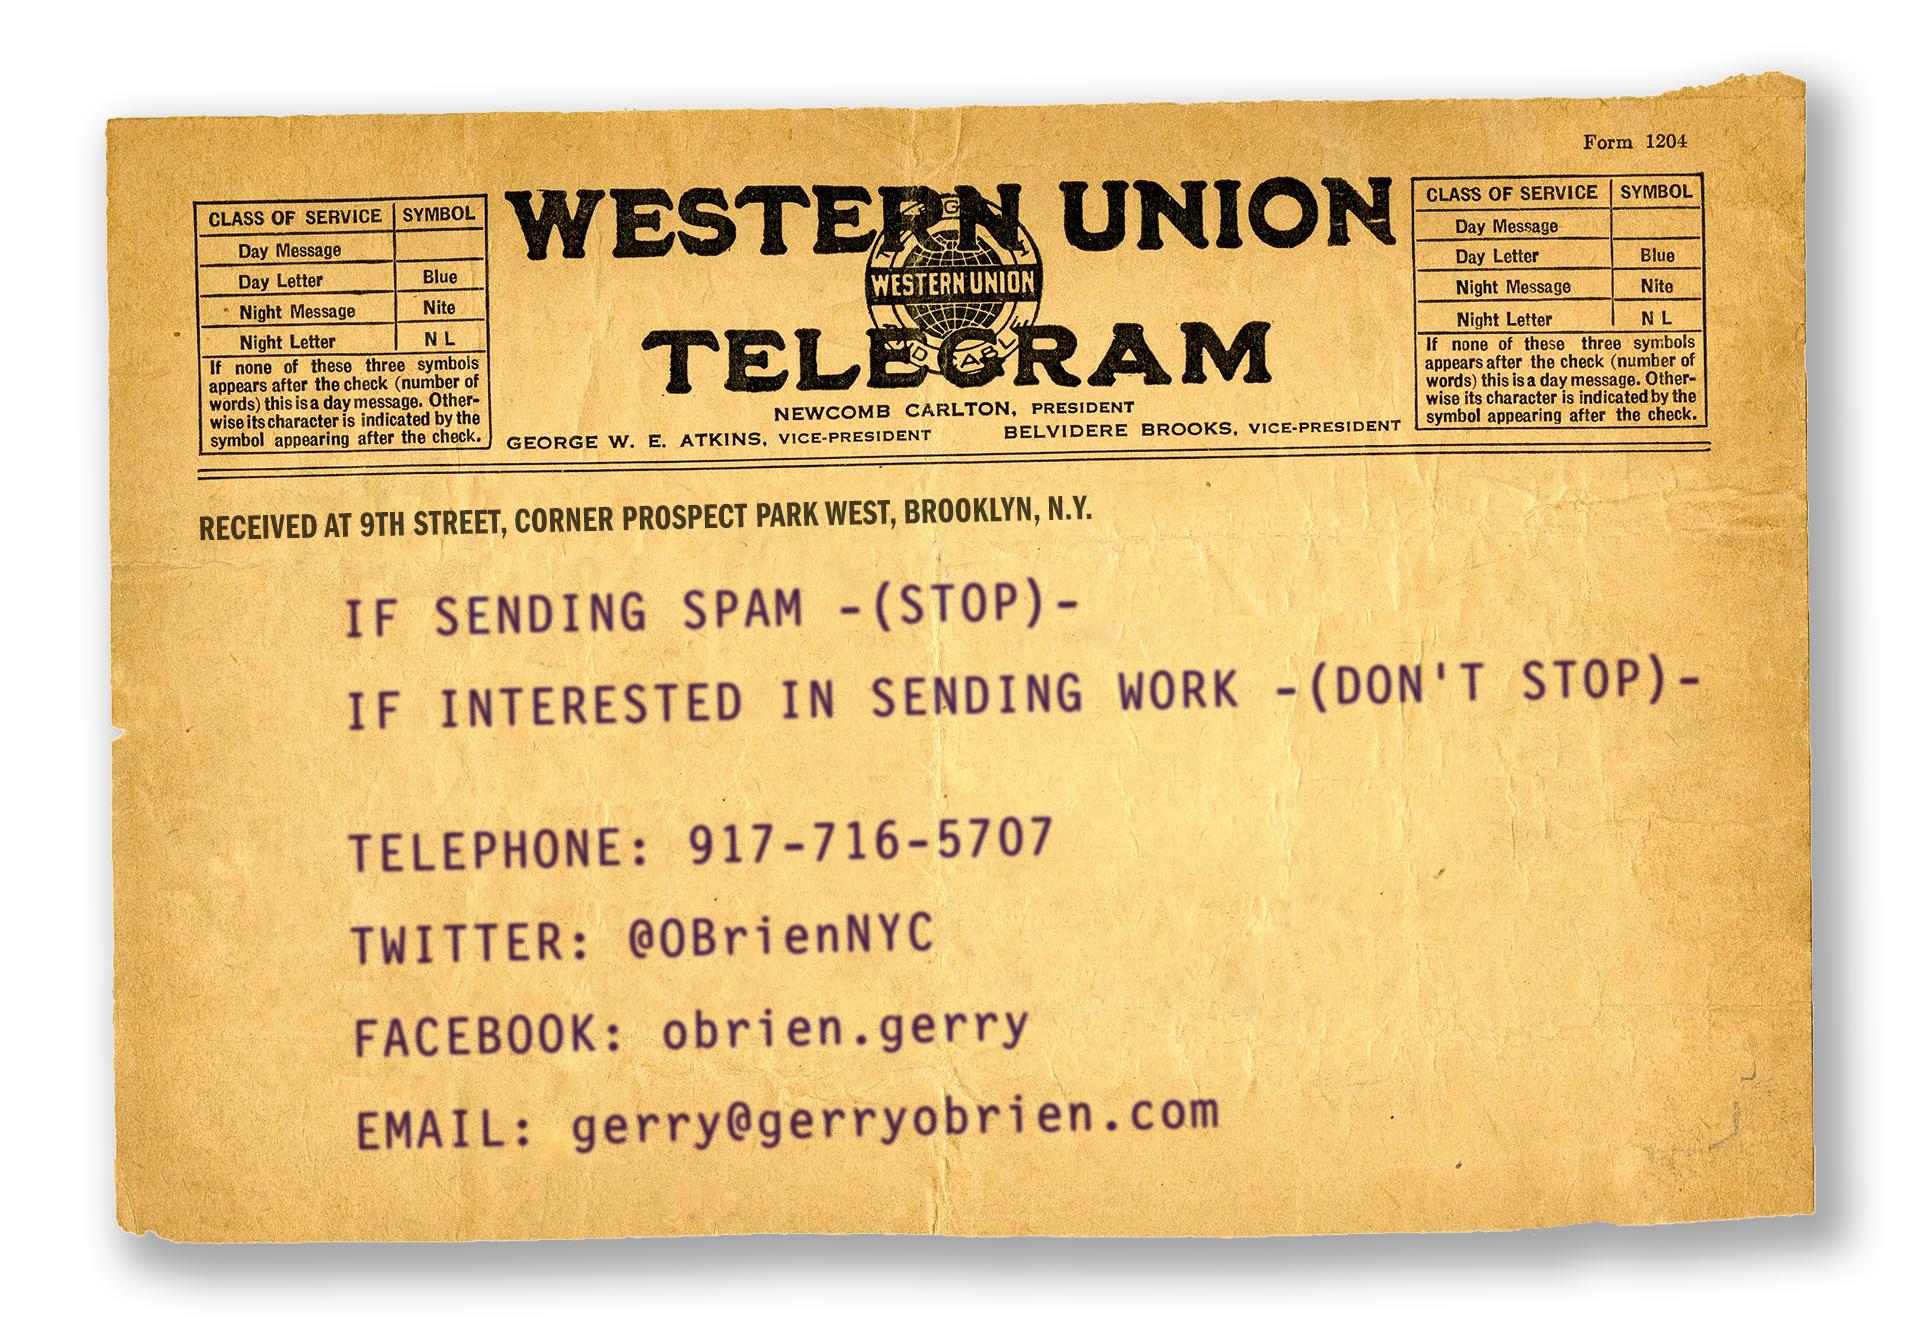 O'Brien Contact Telegram